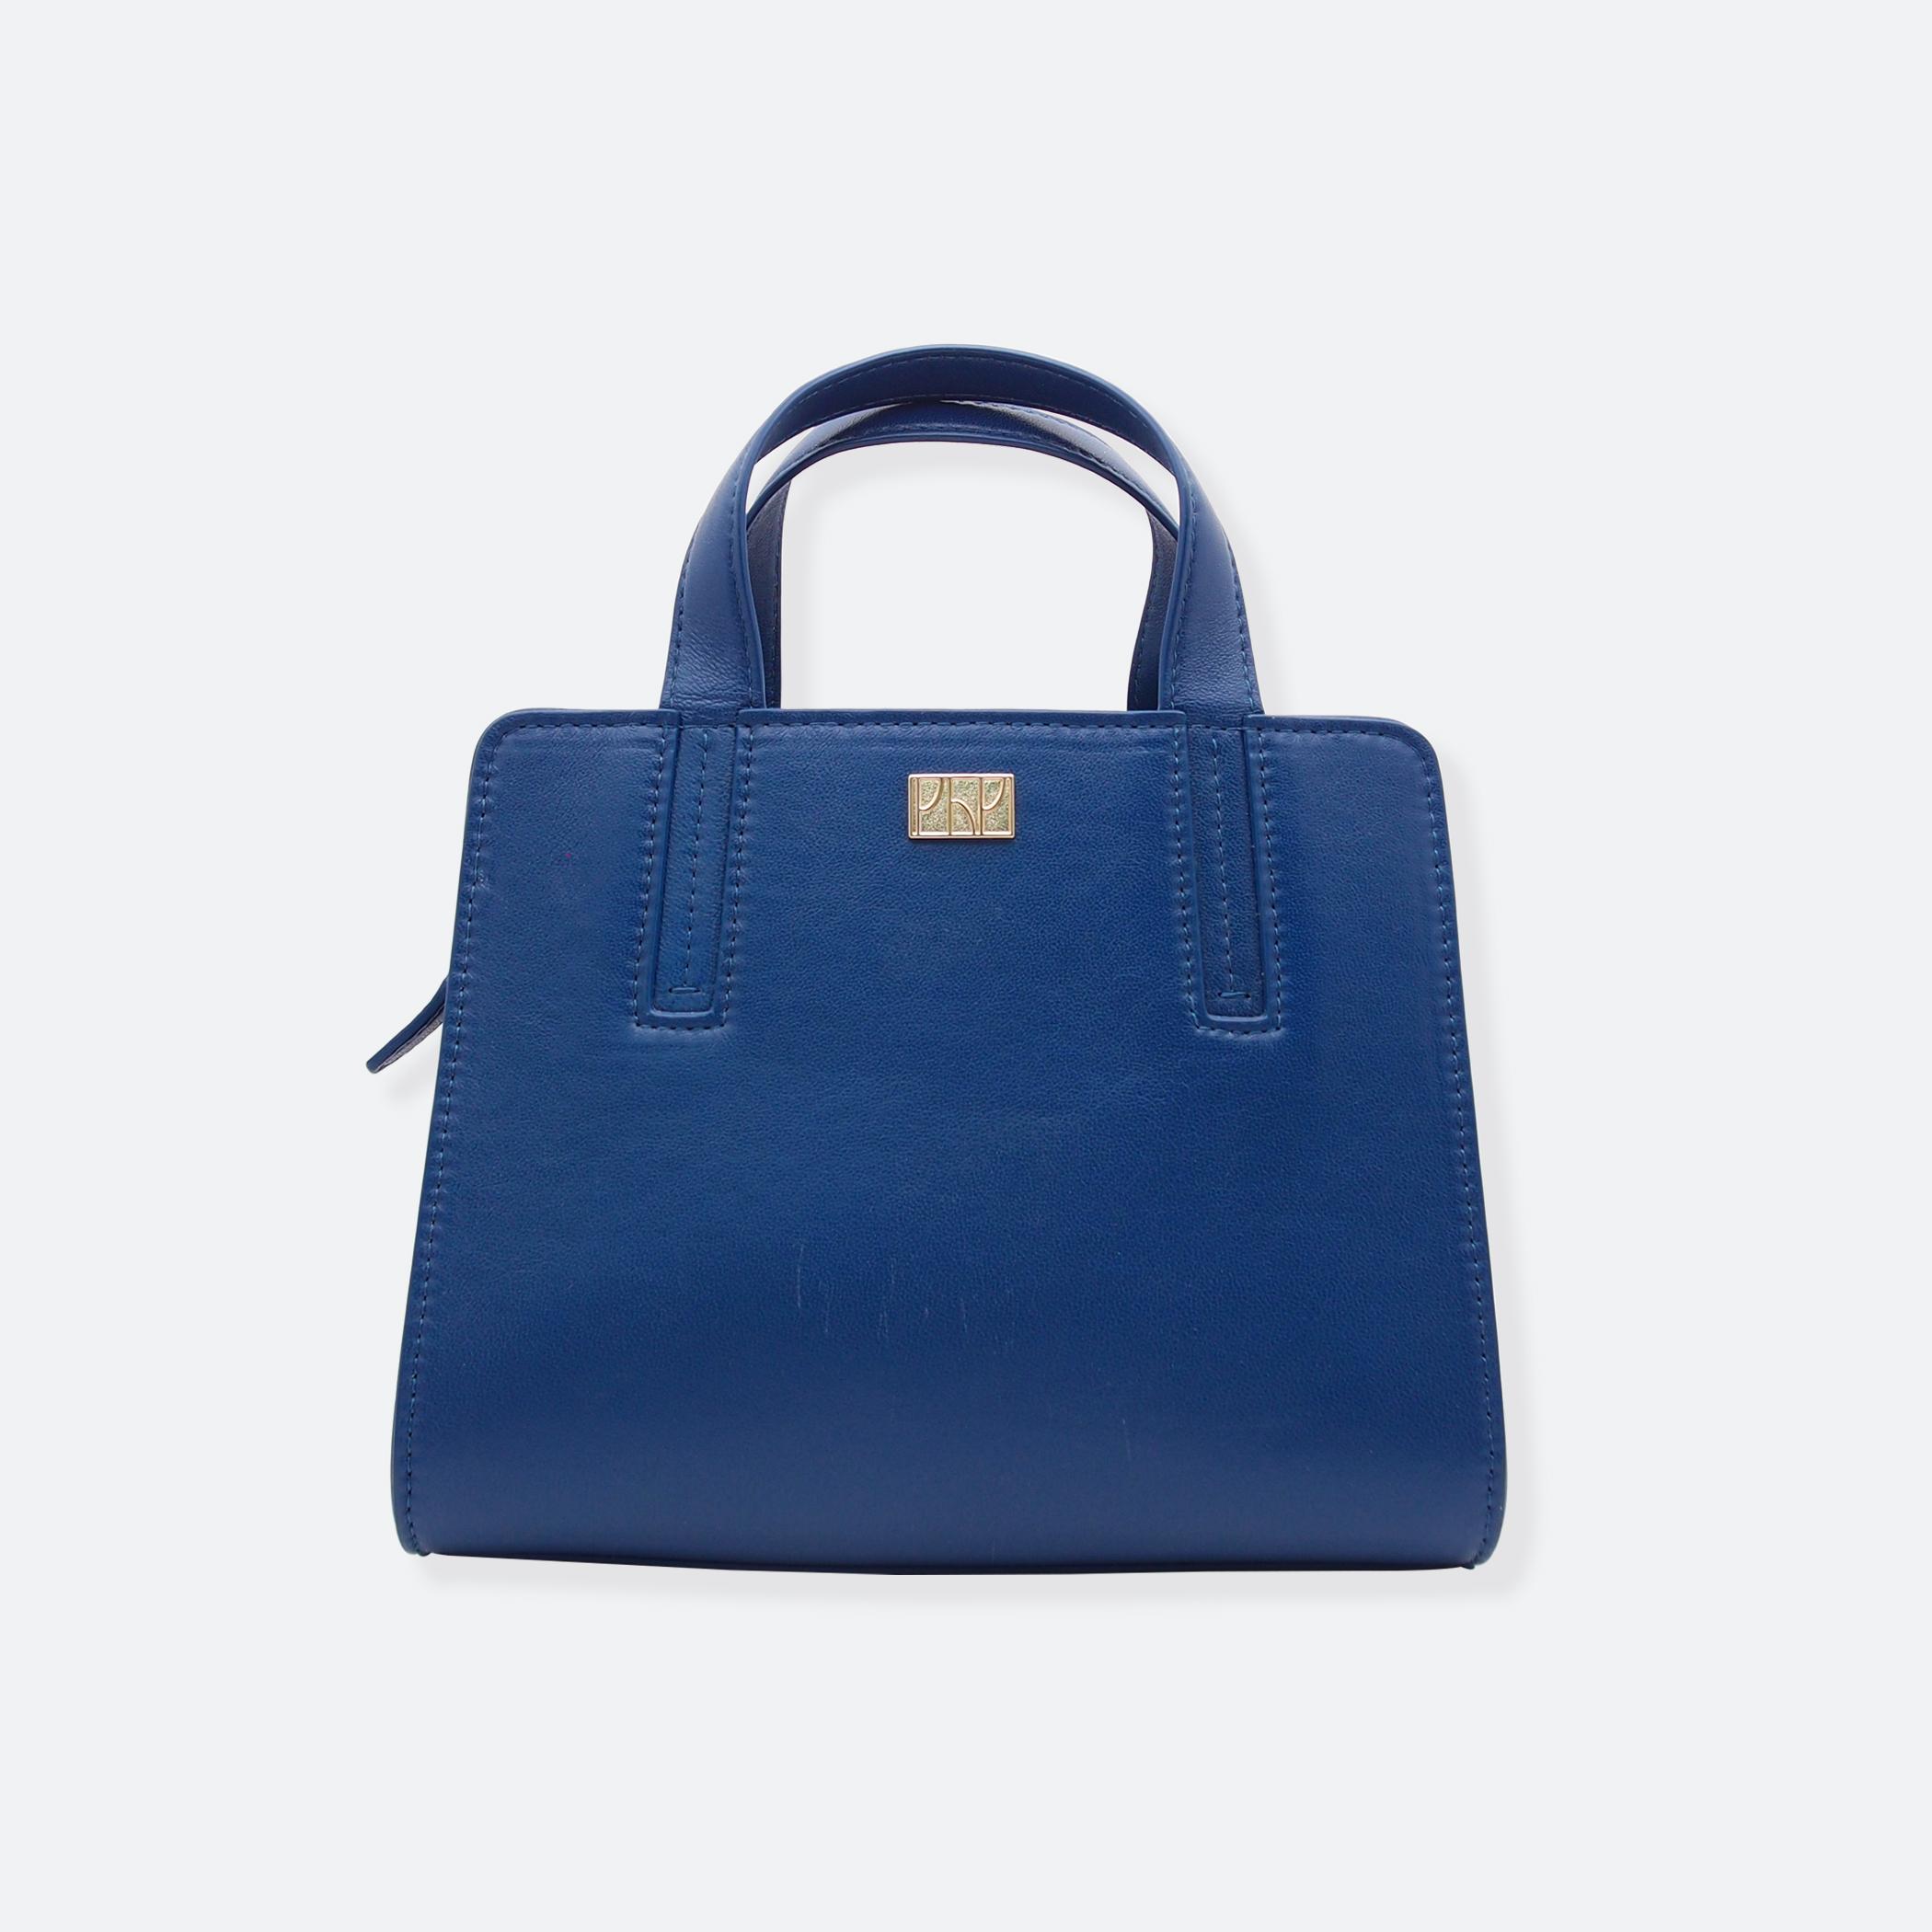 OhMart B043 (Blue) 1